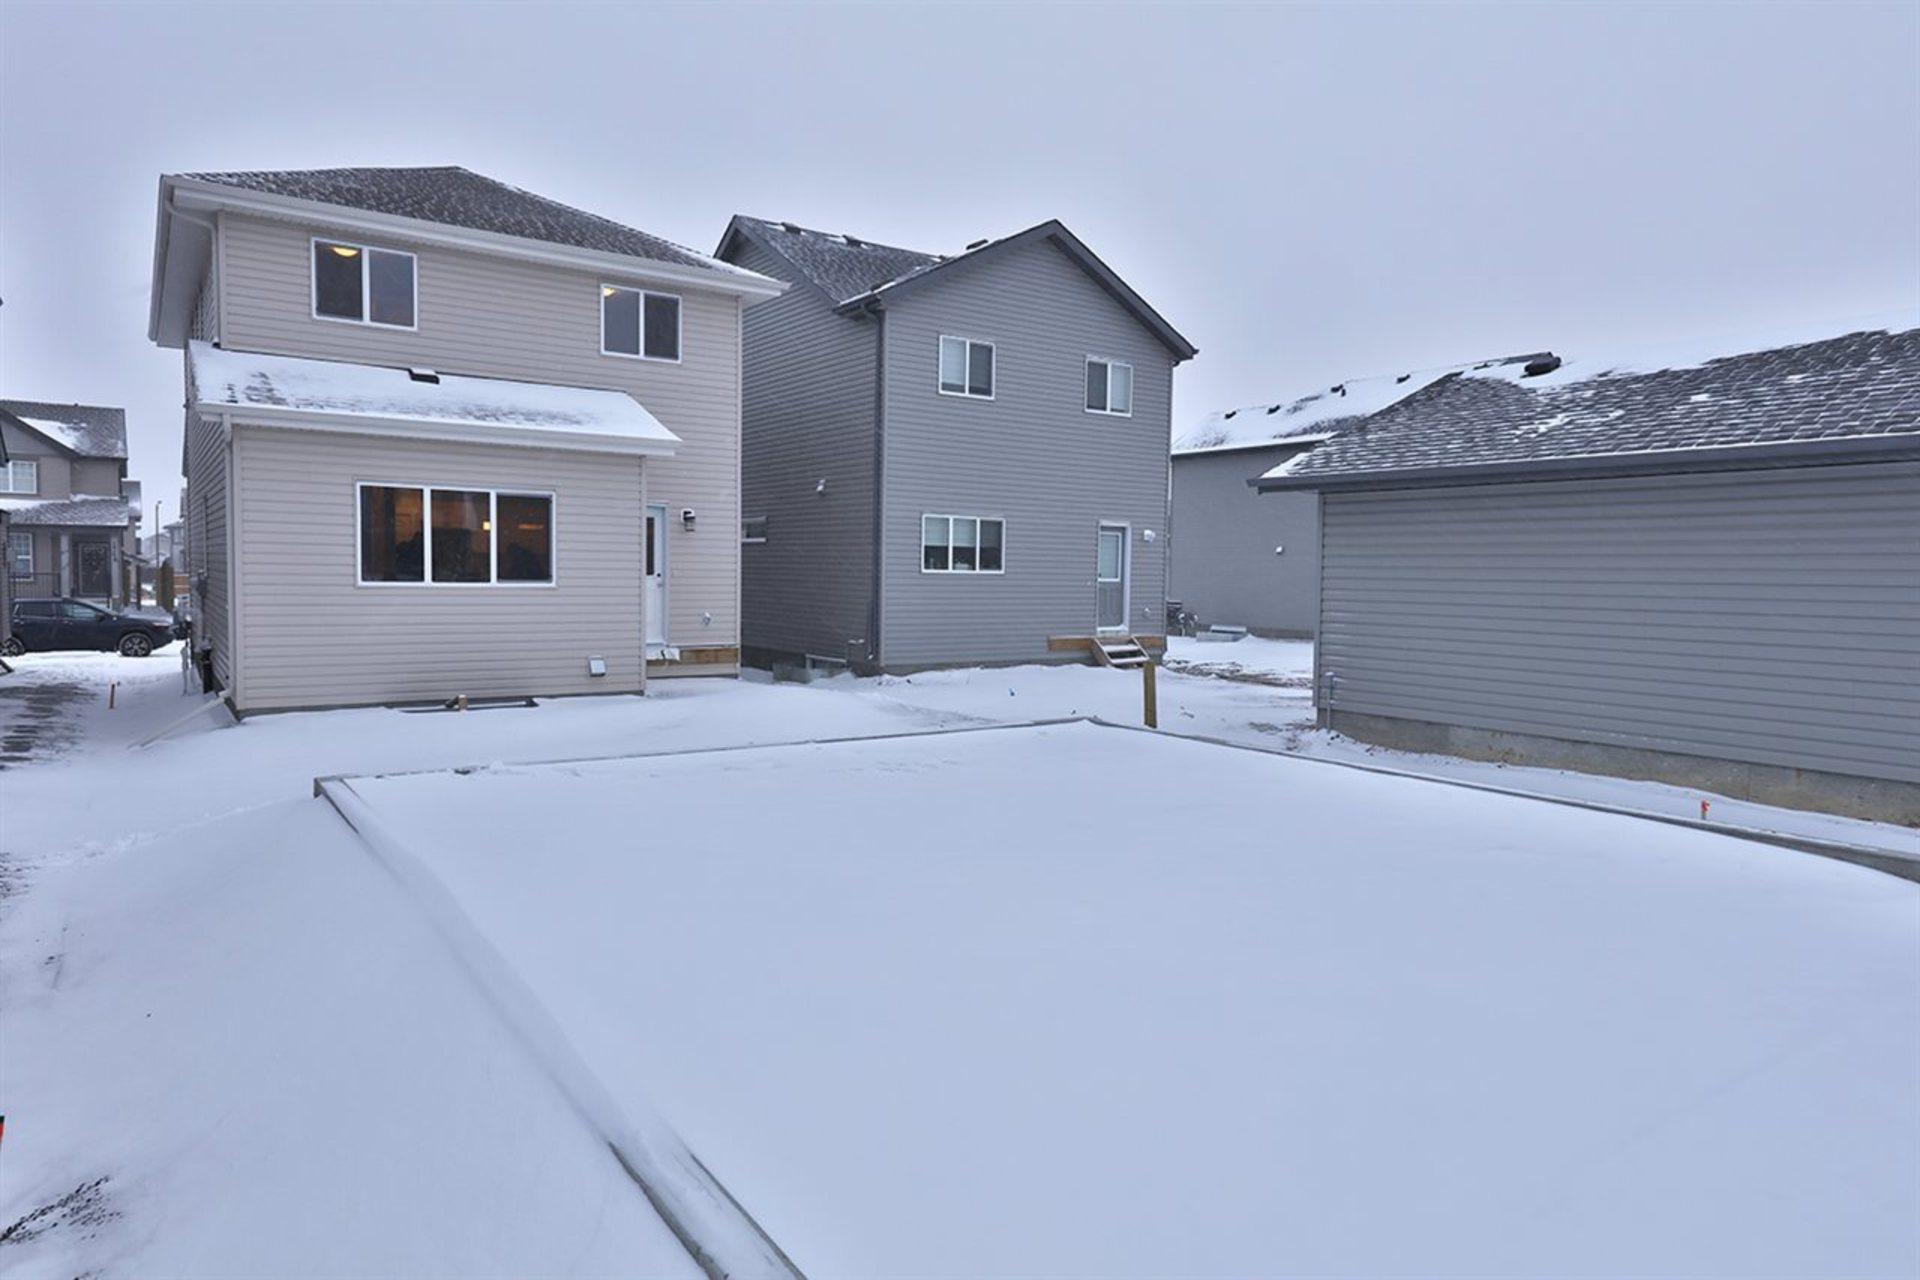 18119-76-street-crystallina-nera-west-edmonton-19 at 18119 76 Street, Crystallina Nera West, Edmonton